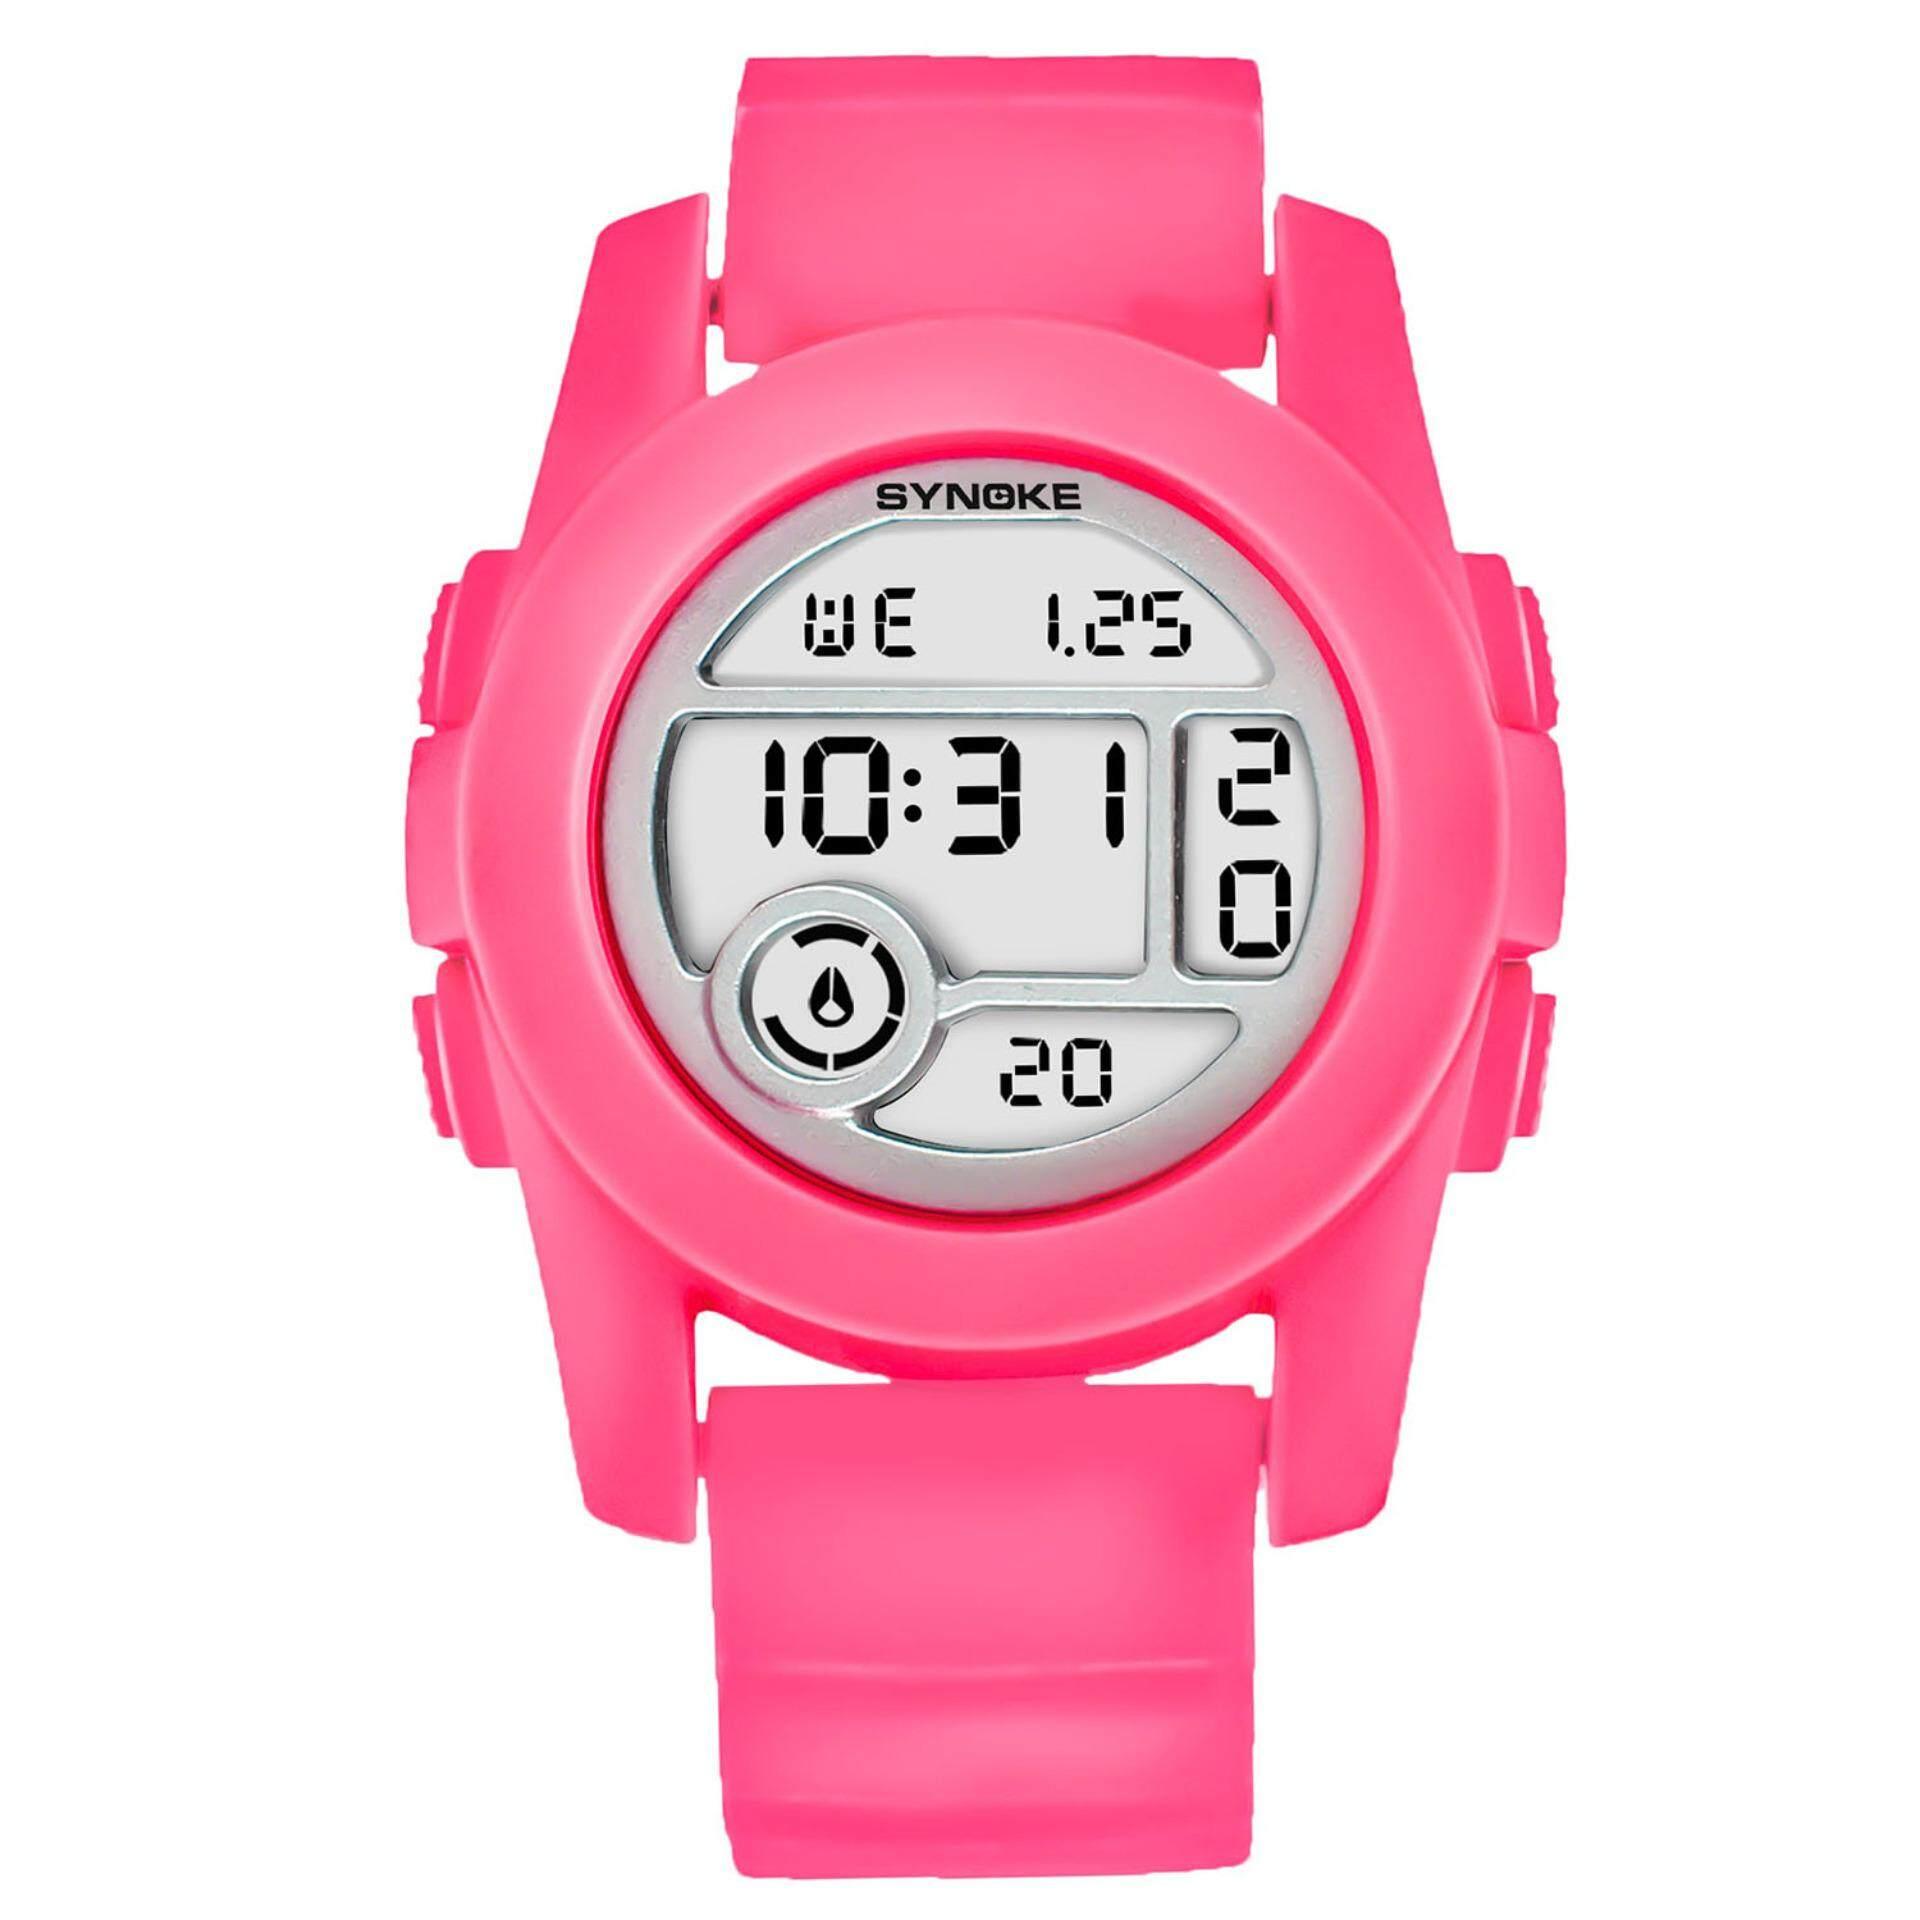 SYNOKE Women Lovers Digital LED Waterproof Outdoor Multifunctional Sports Quality Shockproof Digital Watchs 67286 - intl